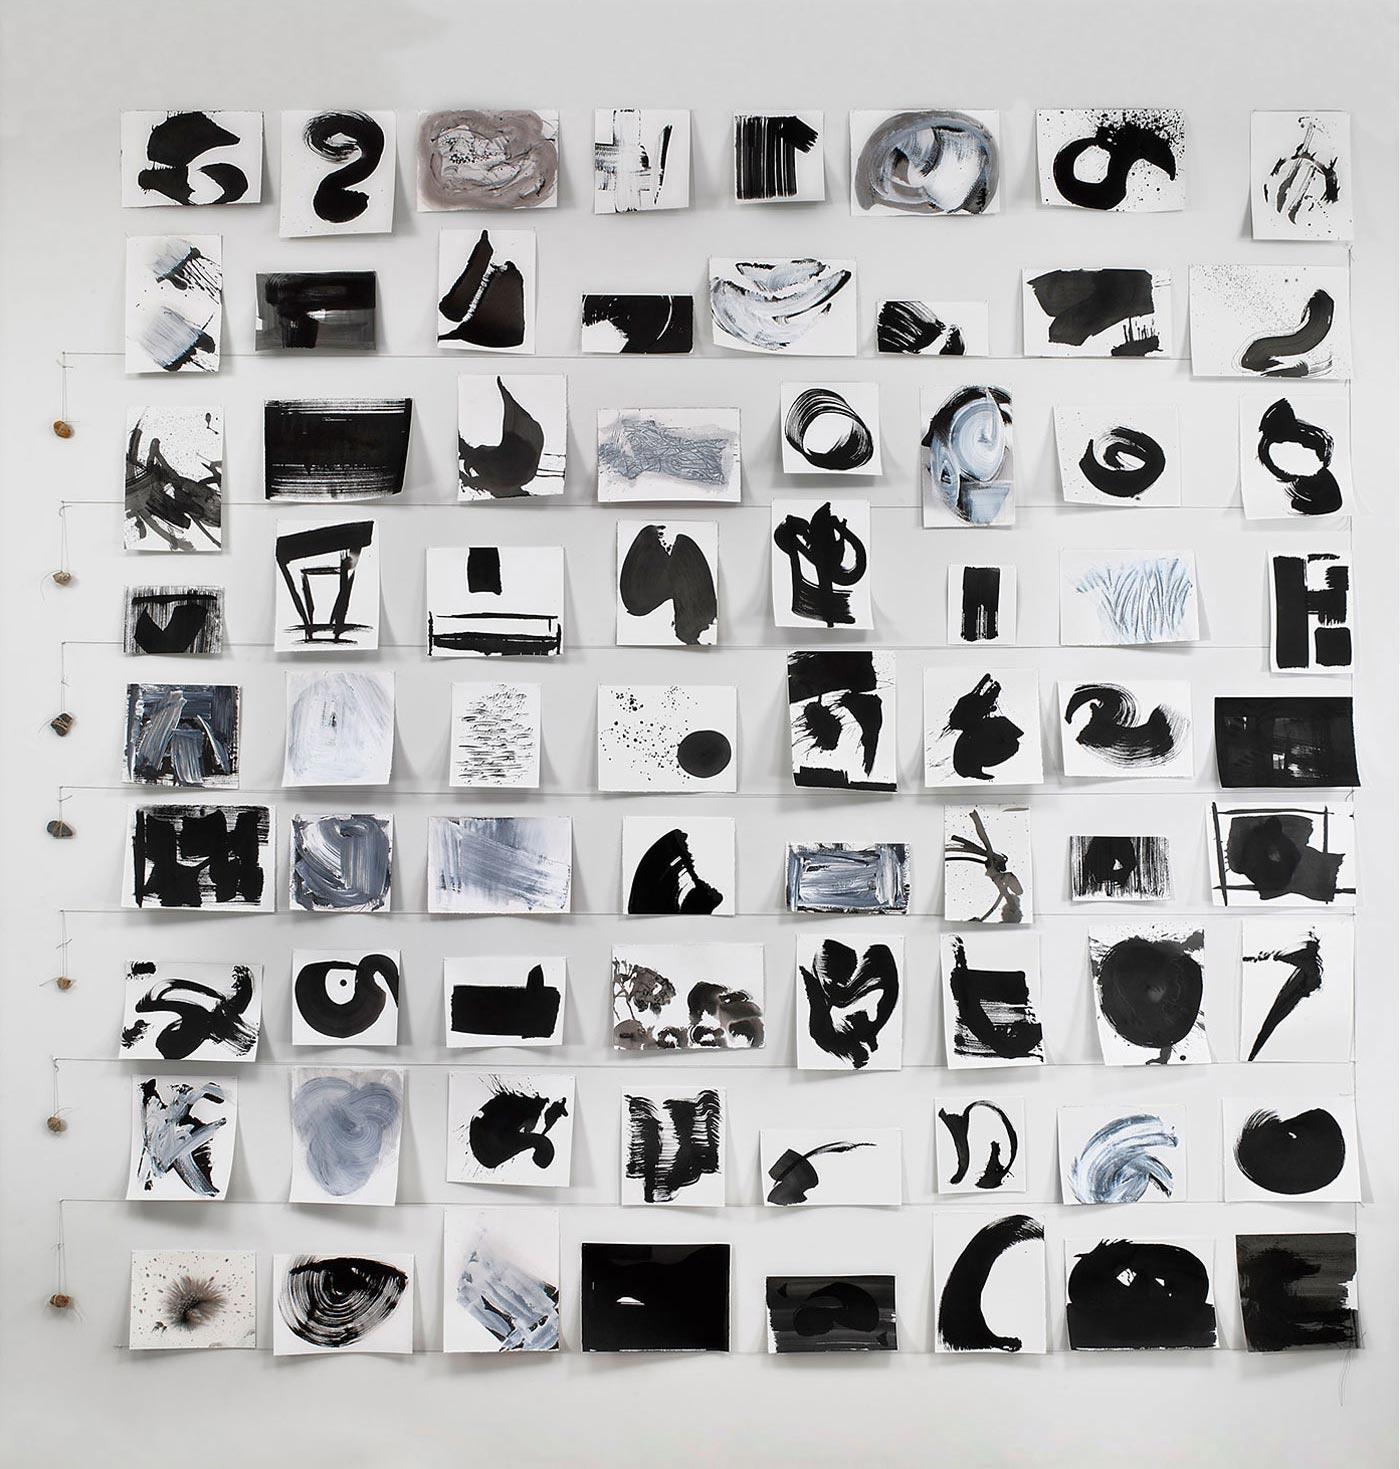 पंक्तियों में रखे गए काले और सफेद कागज के टुकड़े।